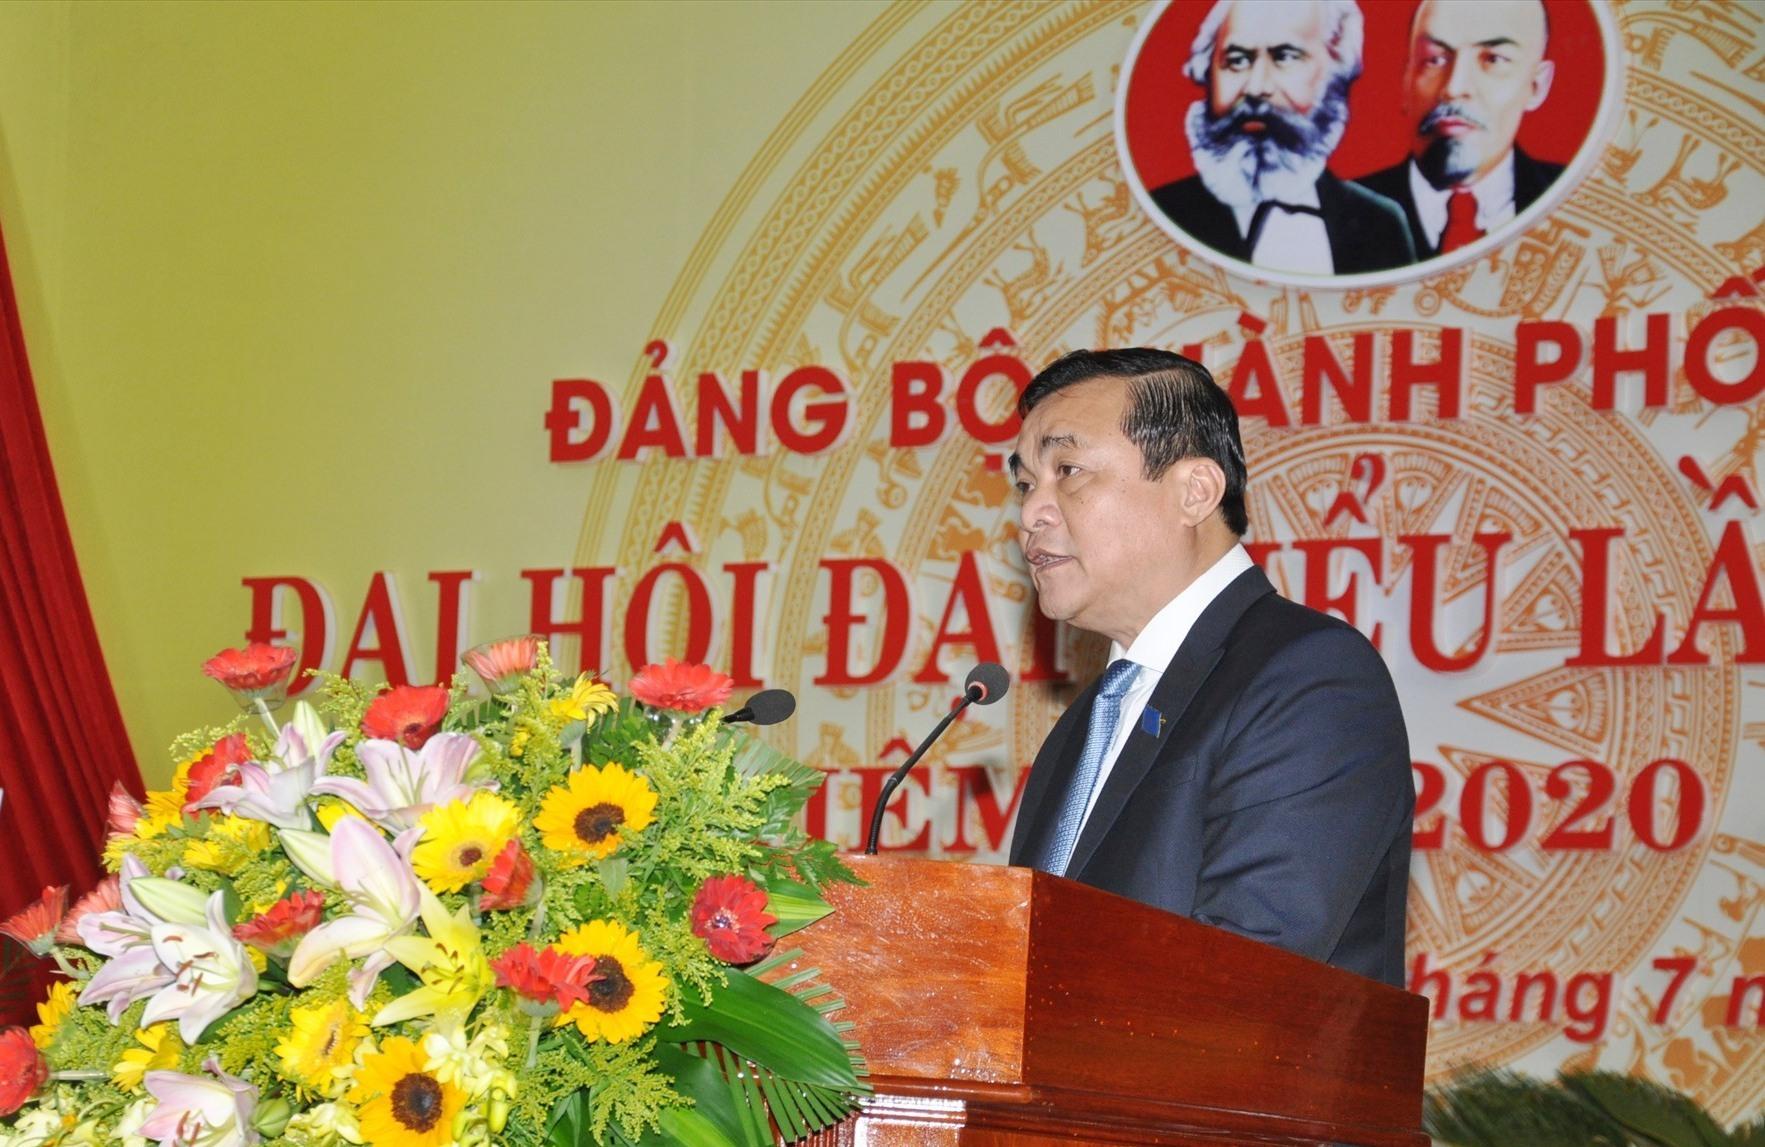 Bí thư Tỉnh ủy Phan Việt Cường phát biểu chỉ đạo đại hội. Ảnh:X.P